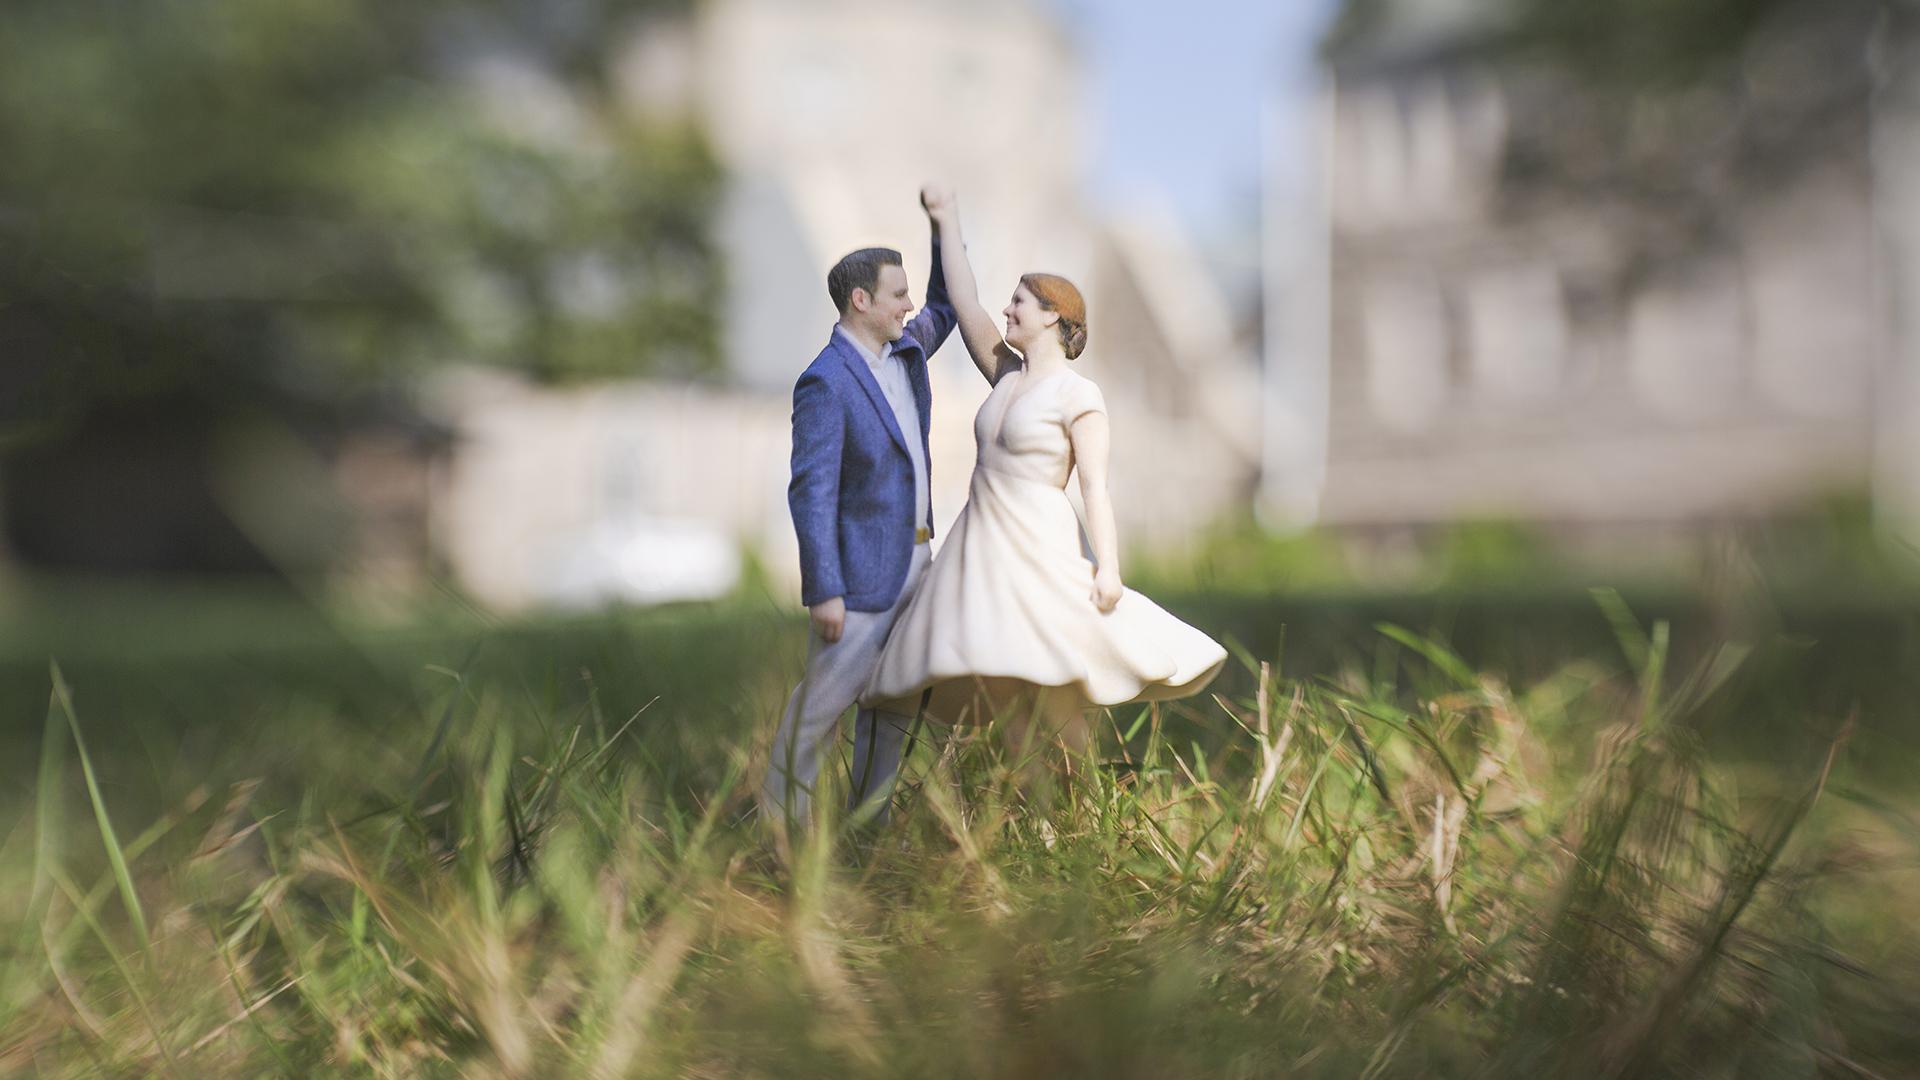 3D_Photo_Figurines_Weddings_10_1.jpg